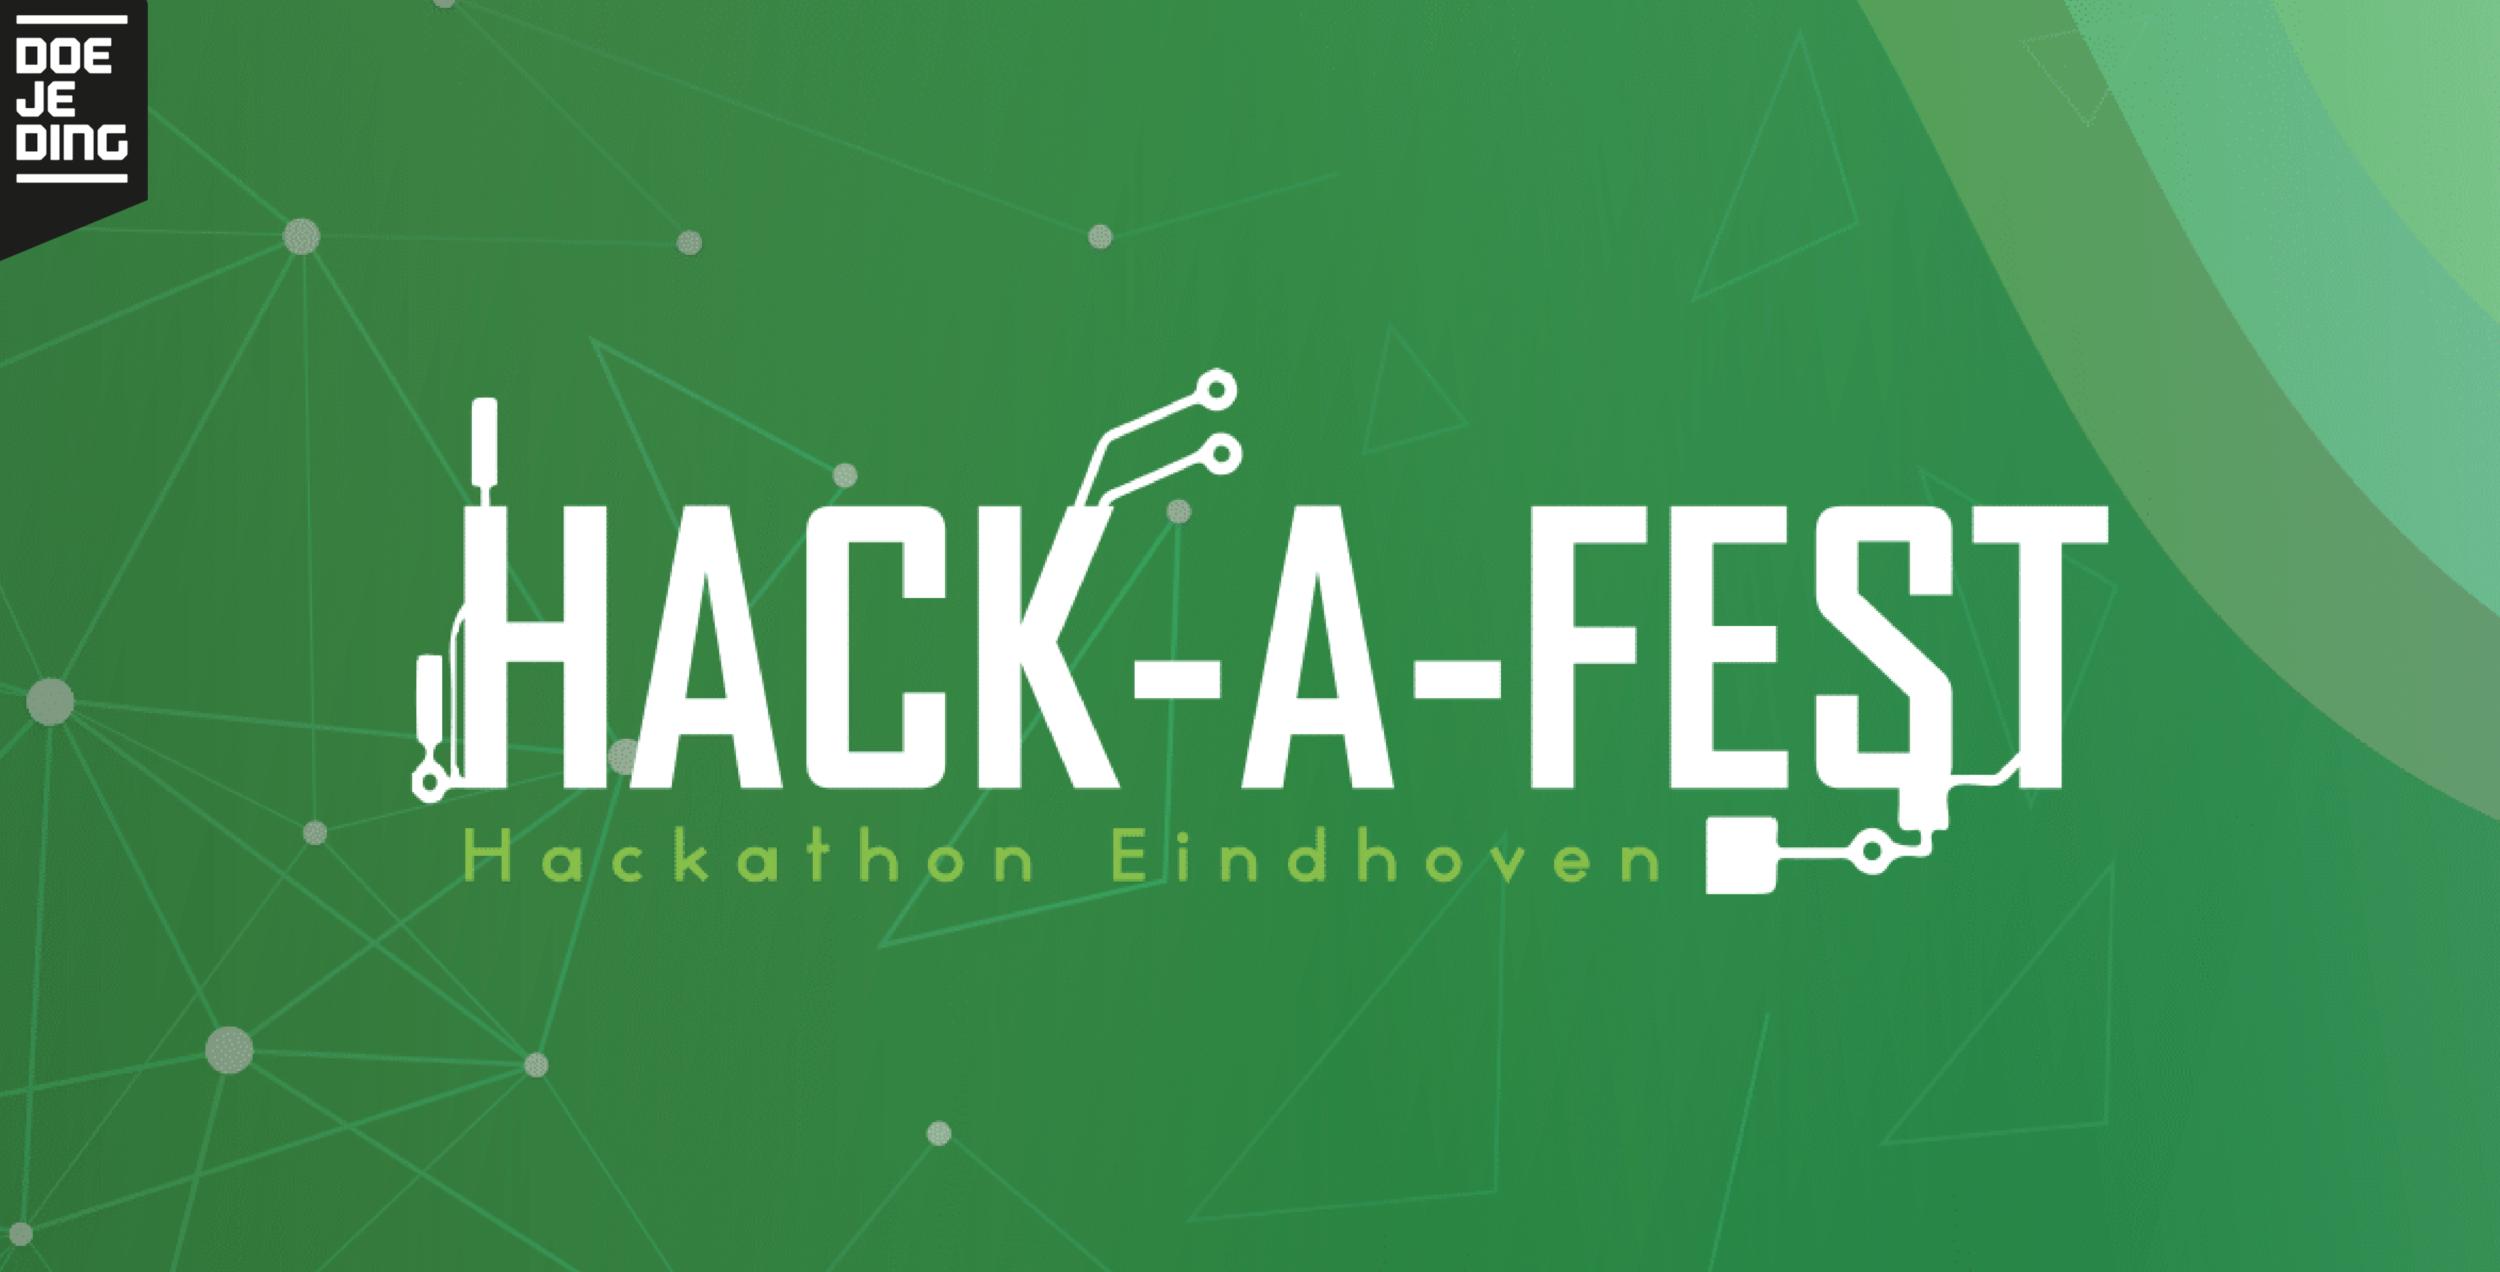 Hack-A-Fest